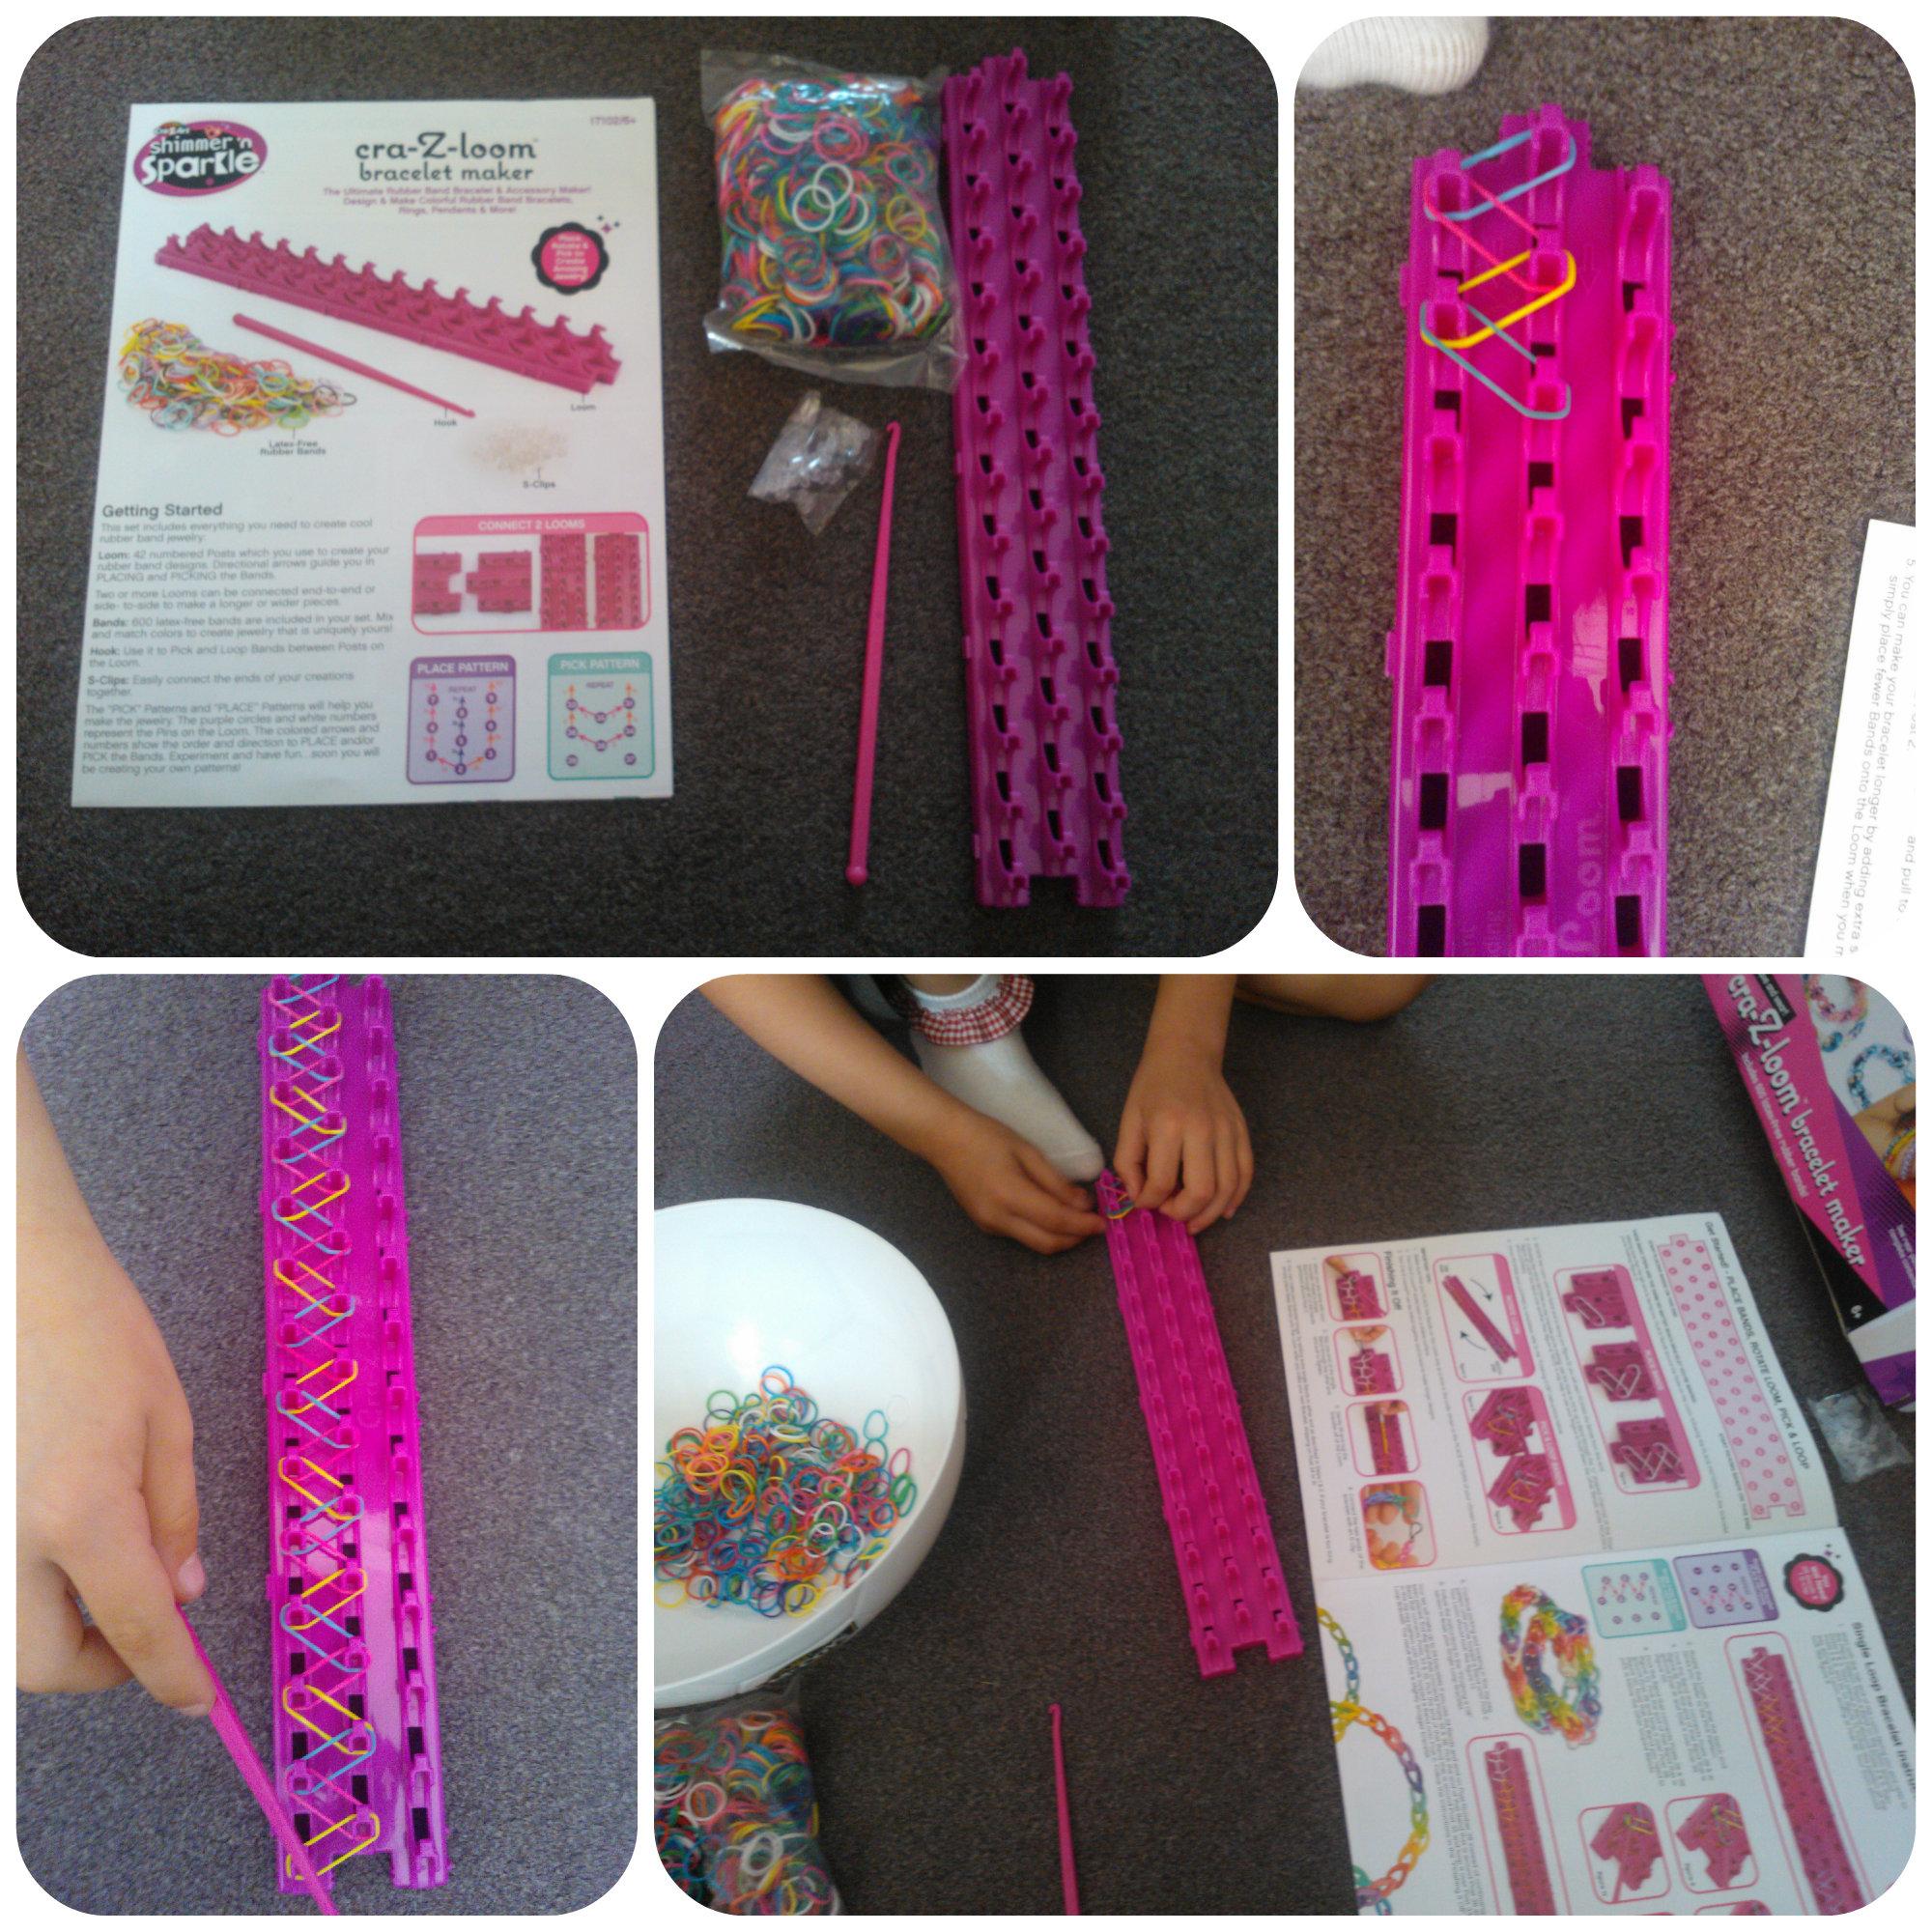 loom 2 Cra Z loom Bracelet Maker   Review